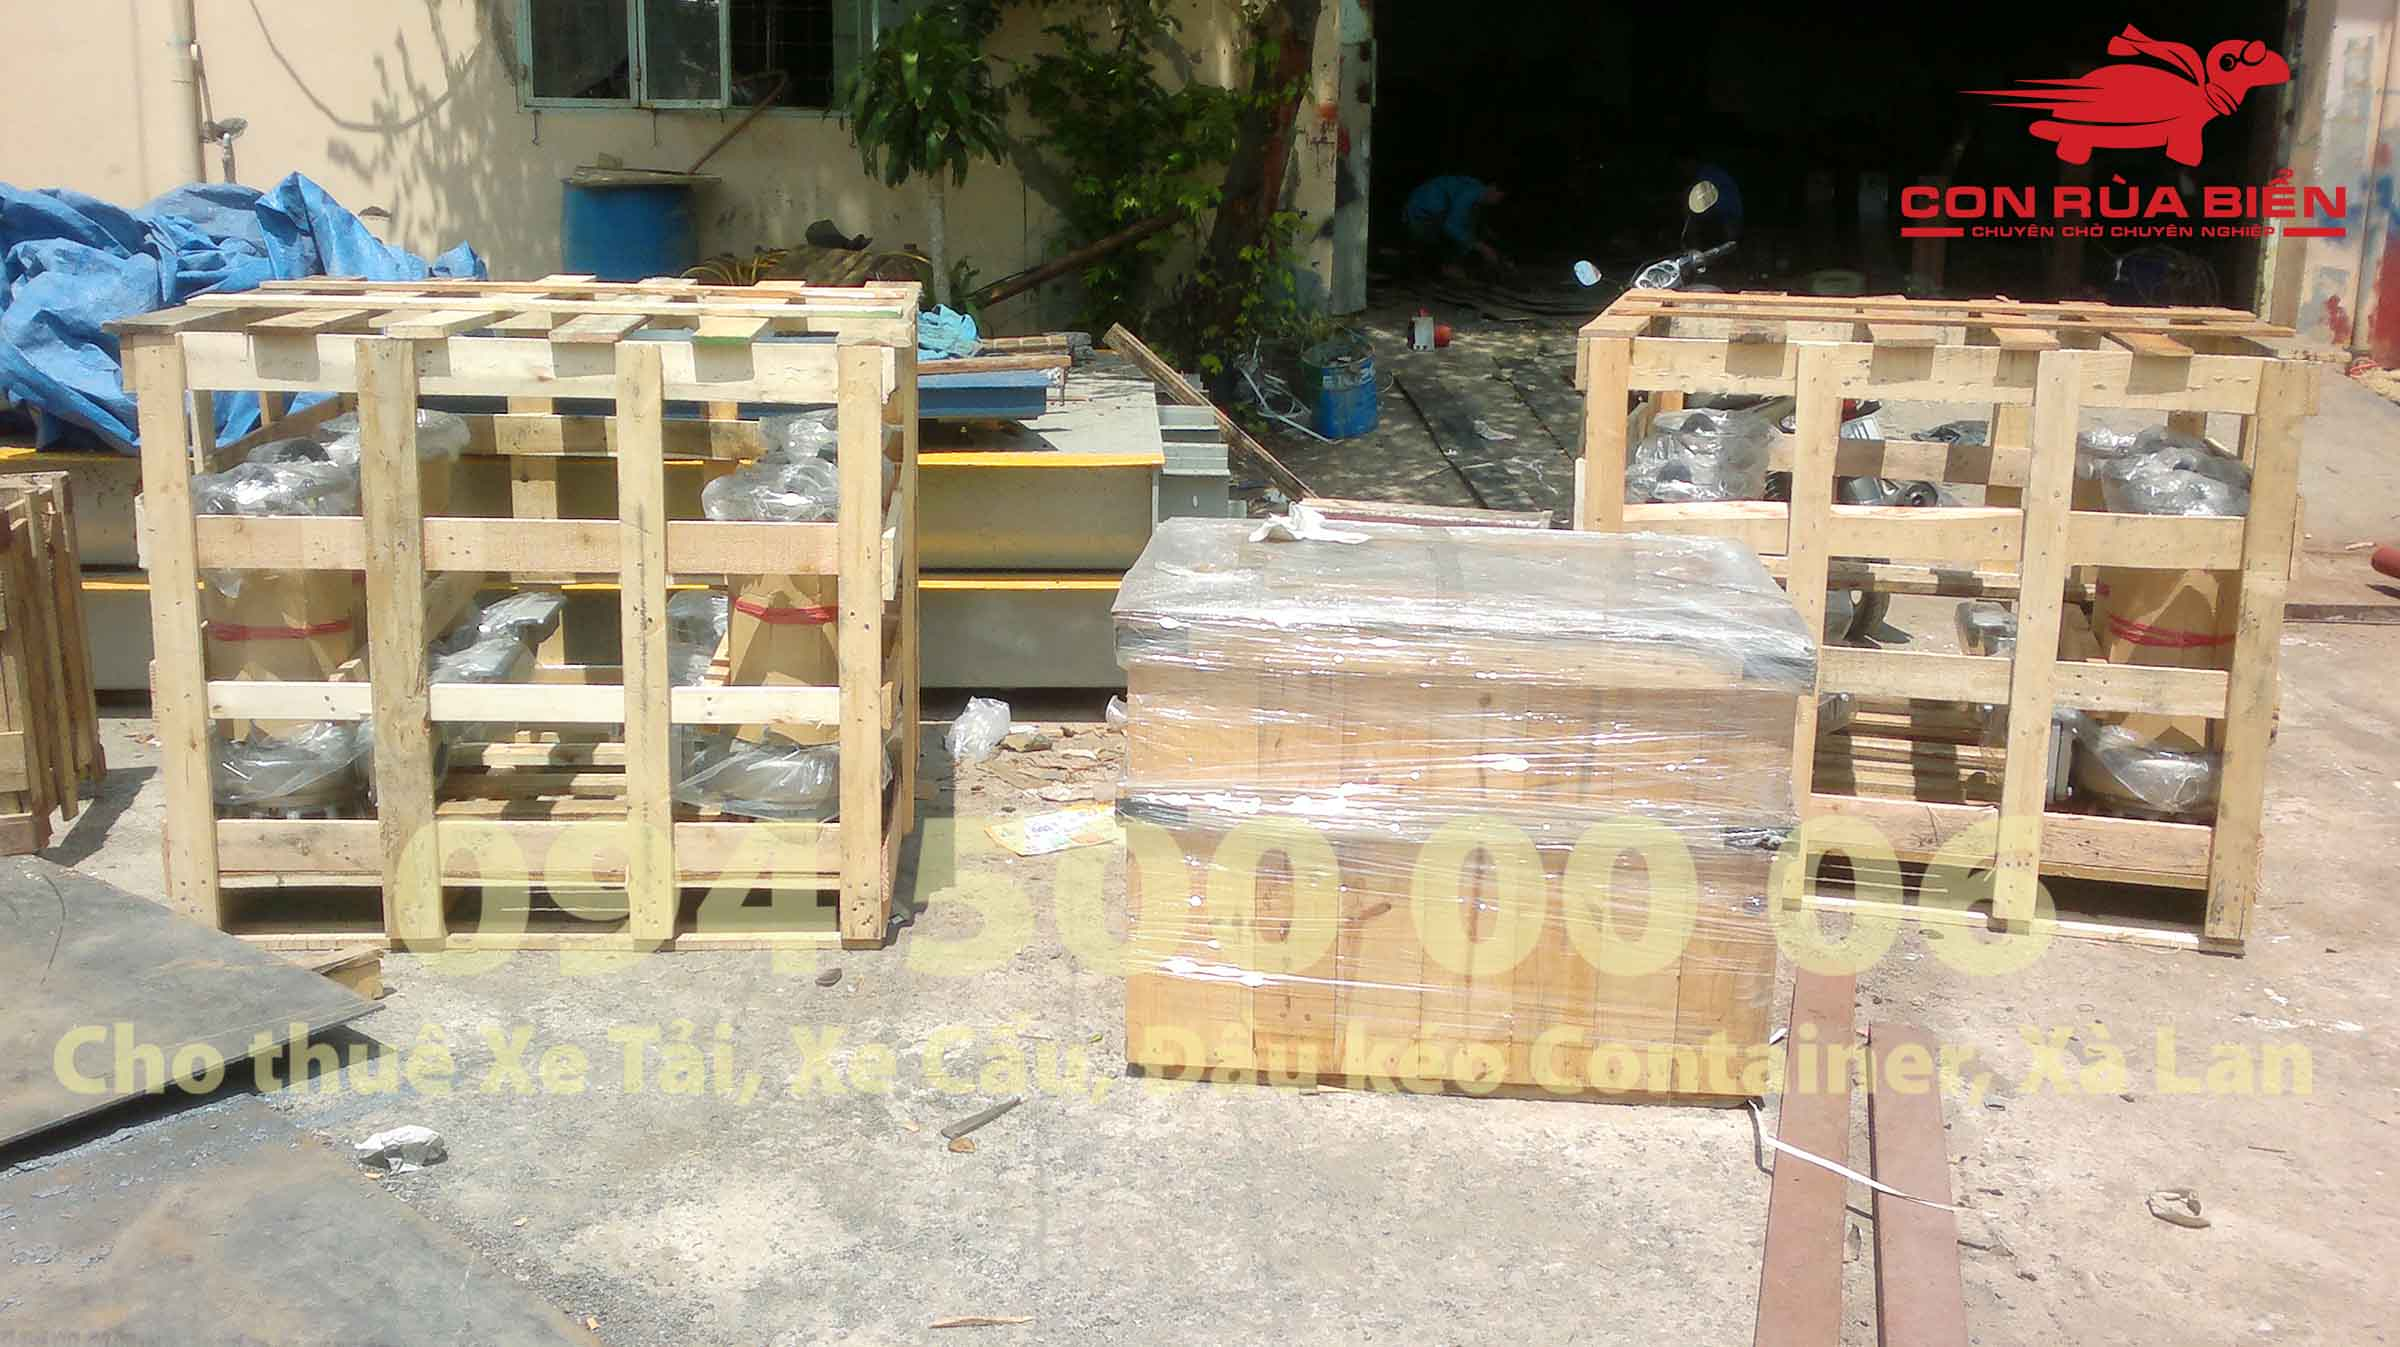 Van chuyen may bom tu HA Noi di Phu Quoc ghep xe tai duong bo 4